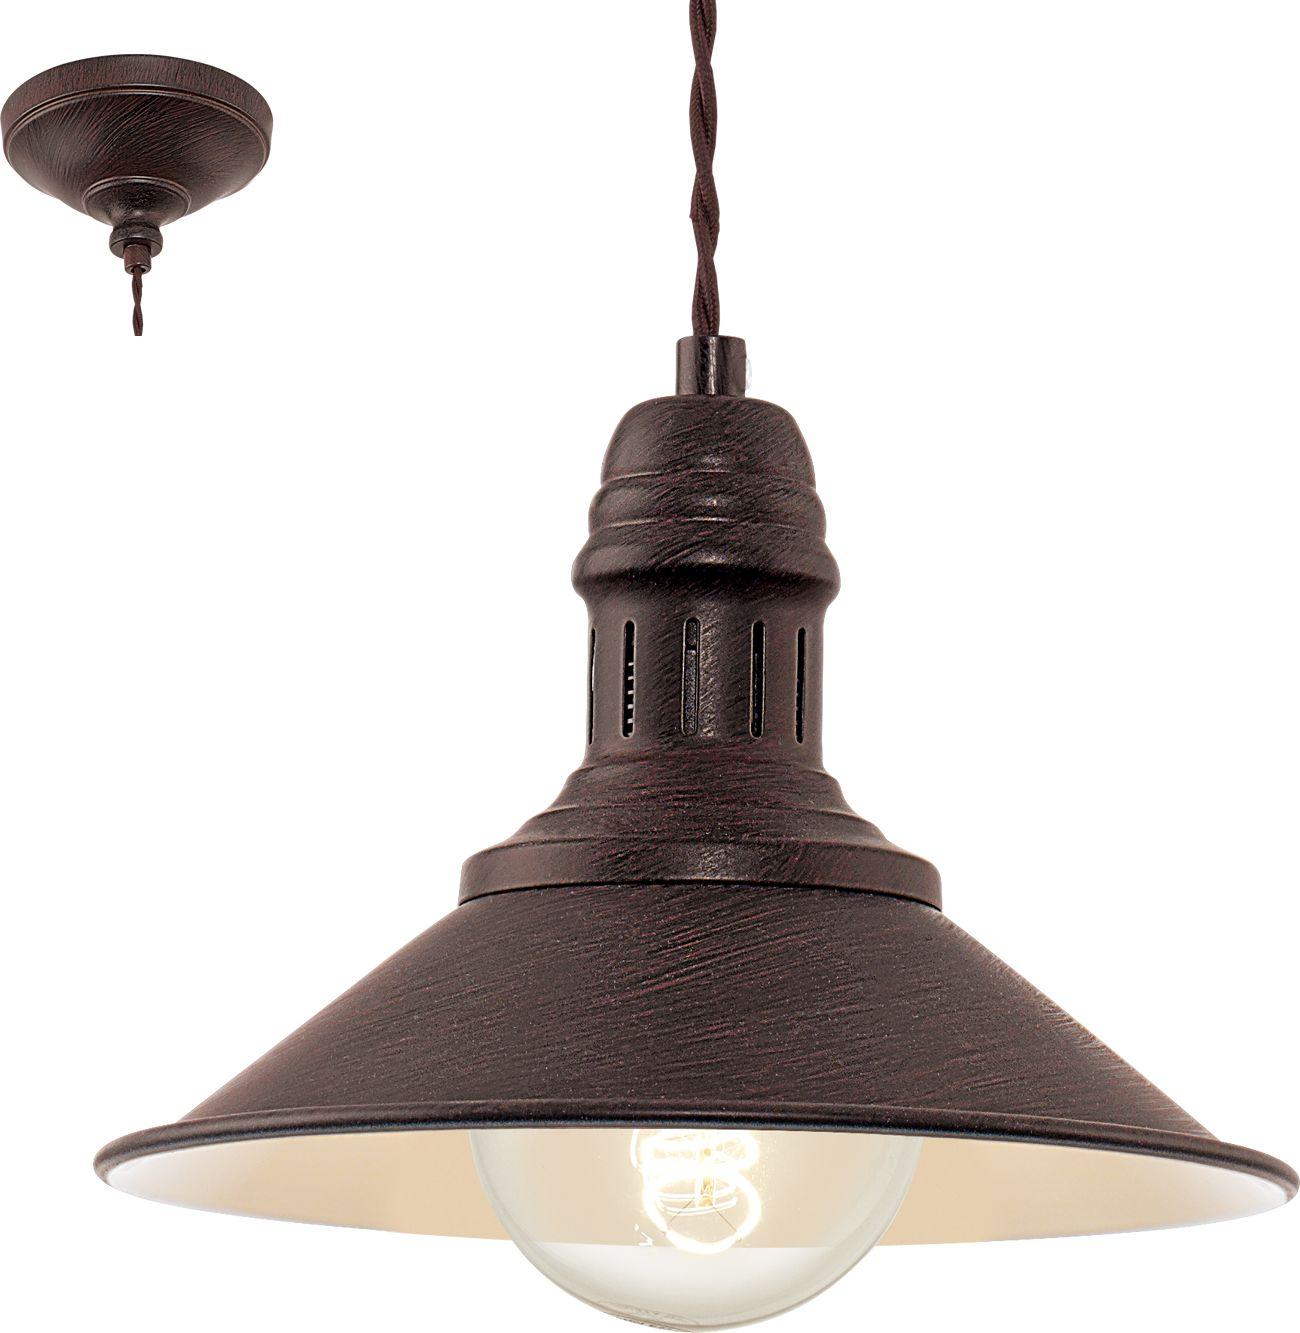 Eglo lampa wisząca Stockbury 49455 - SUPER OFERTA - RABAT w koszyku